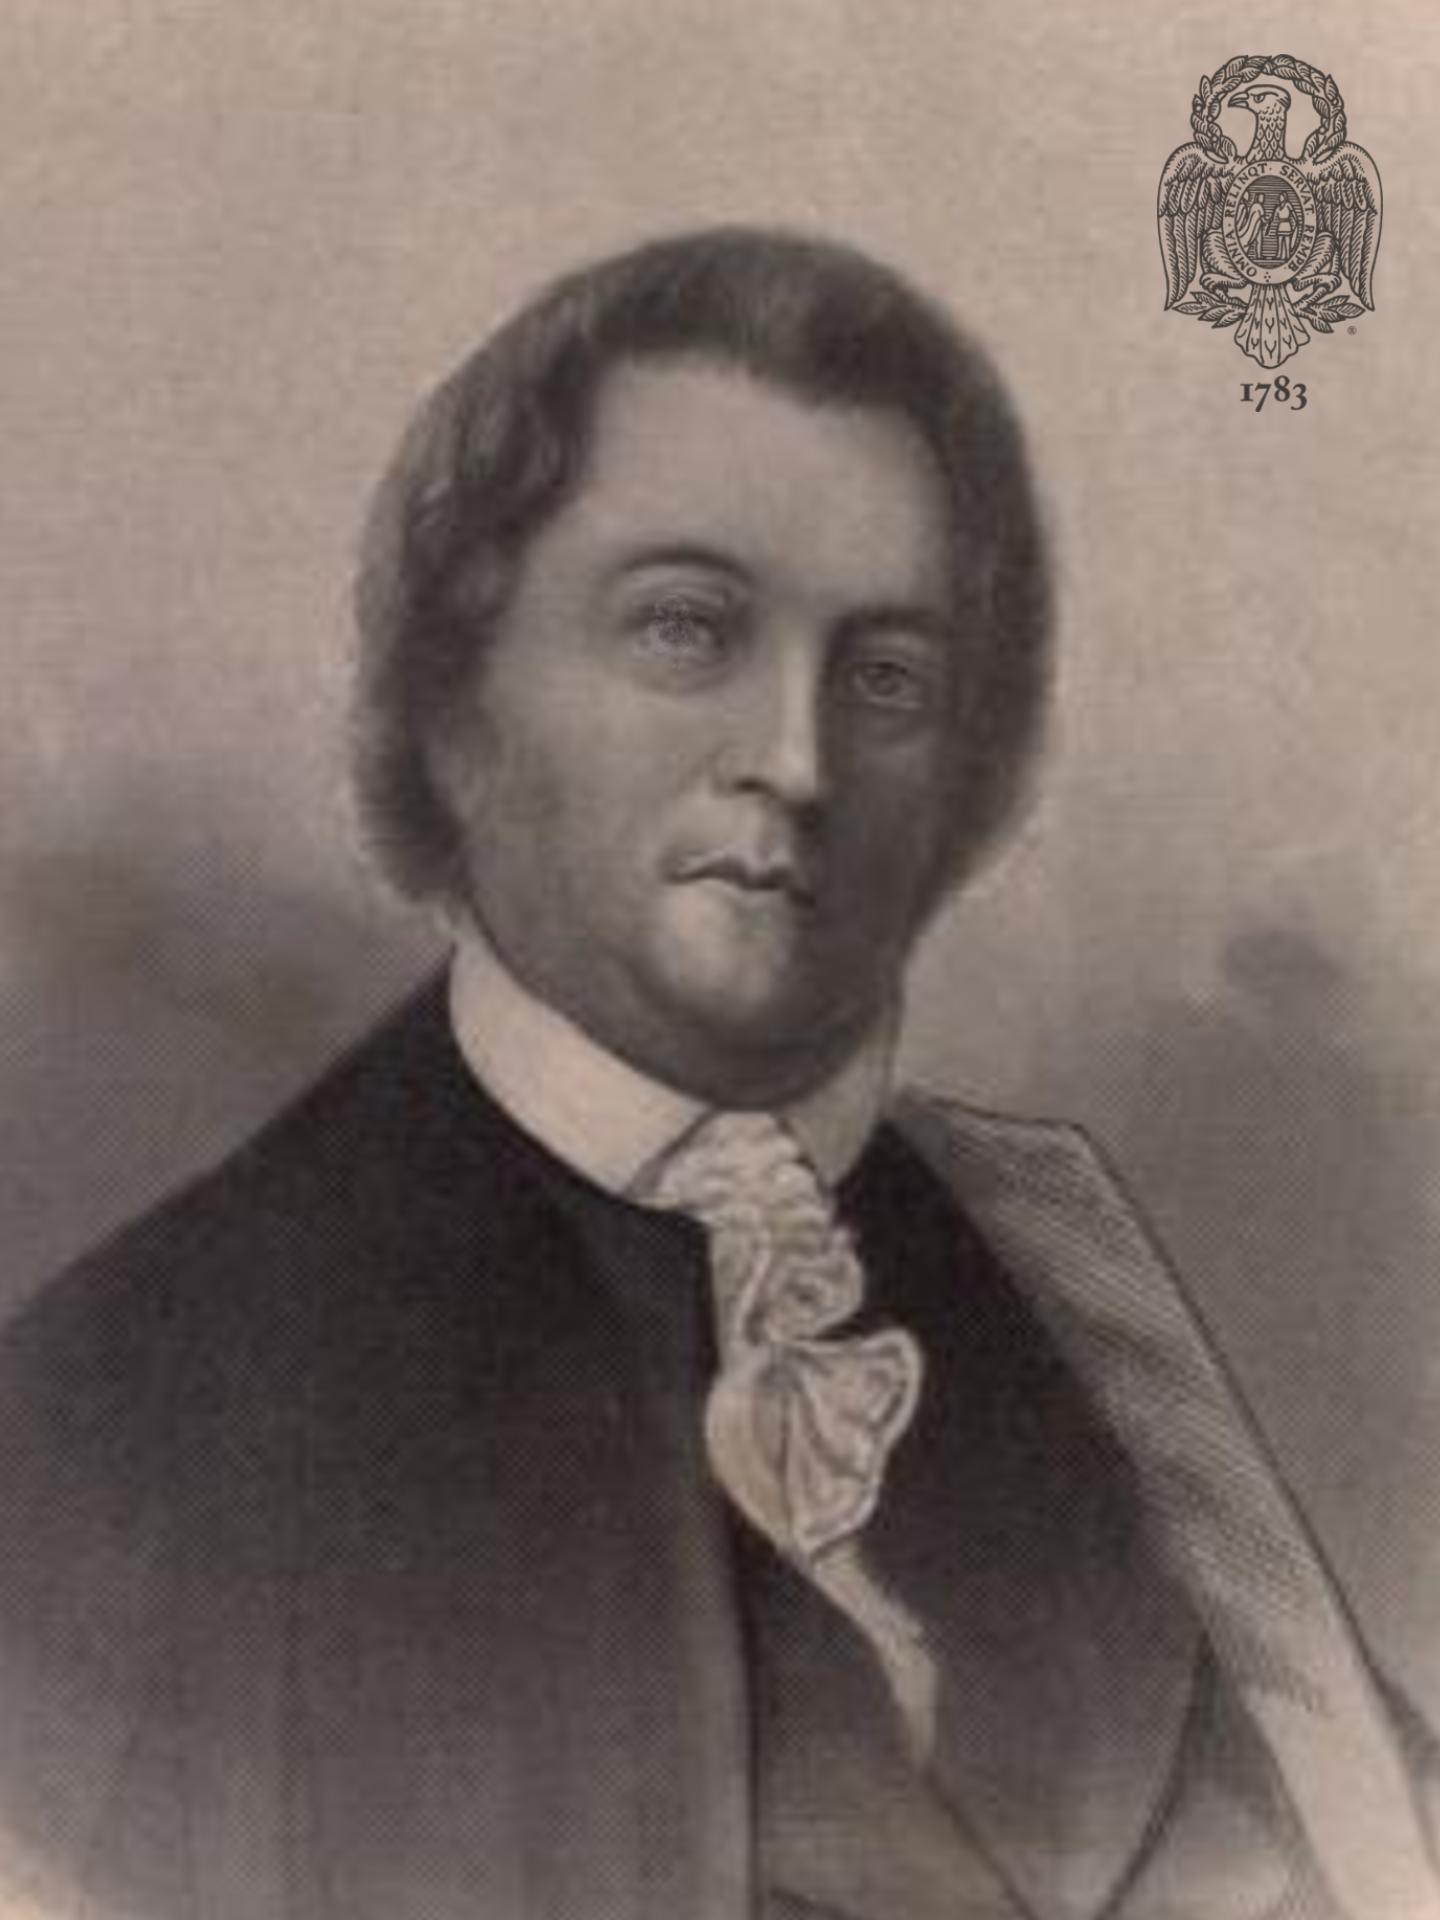 Col. John P. DeHaas